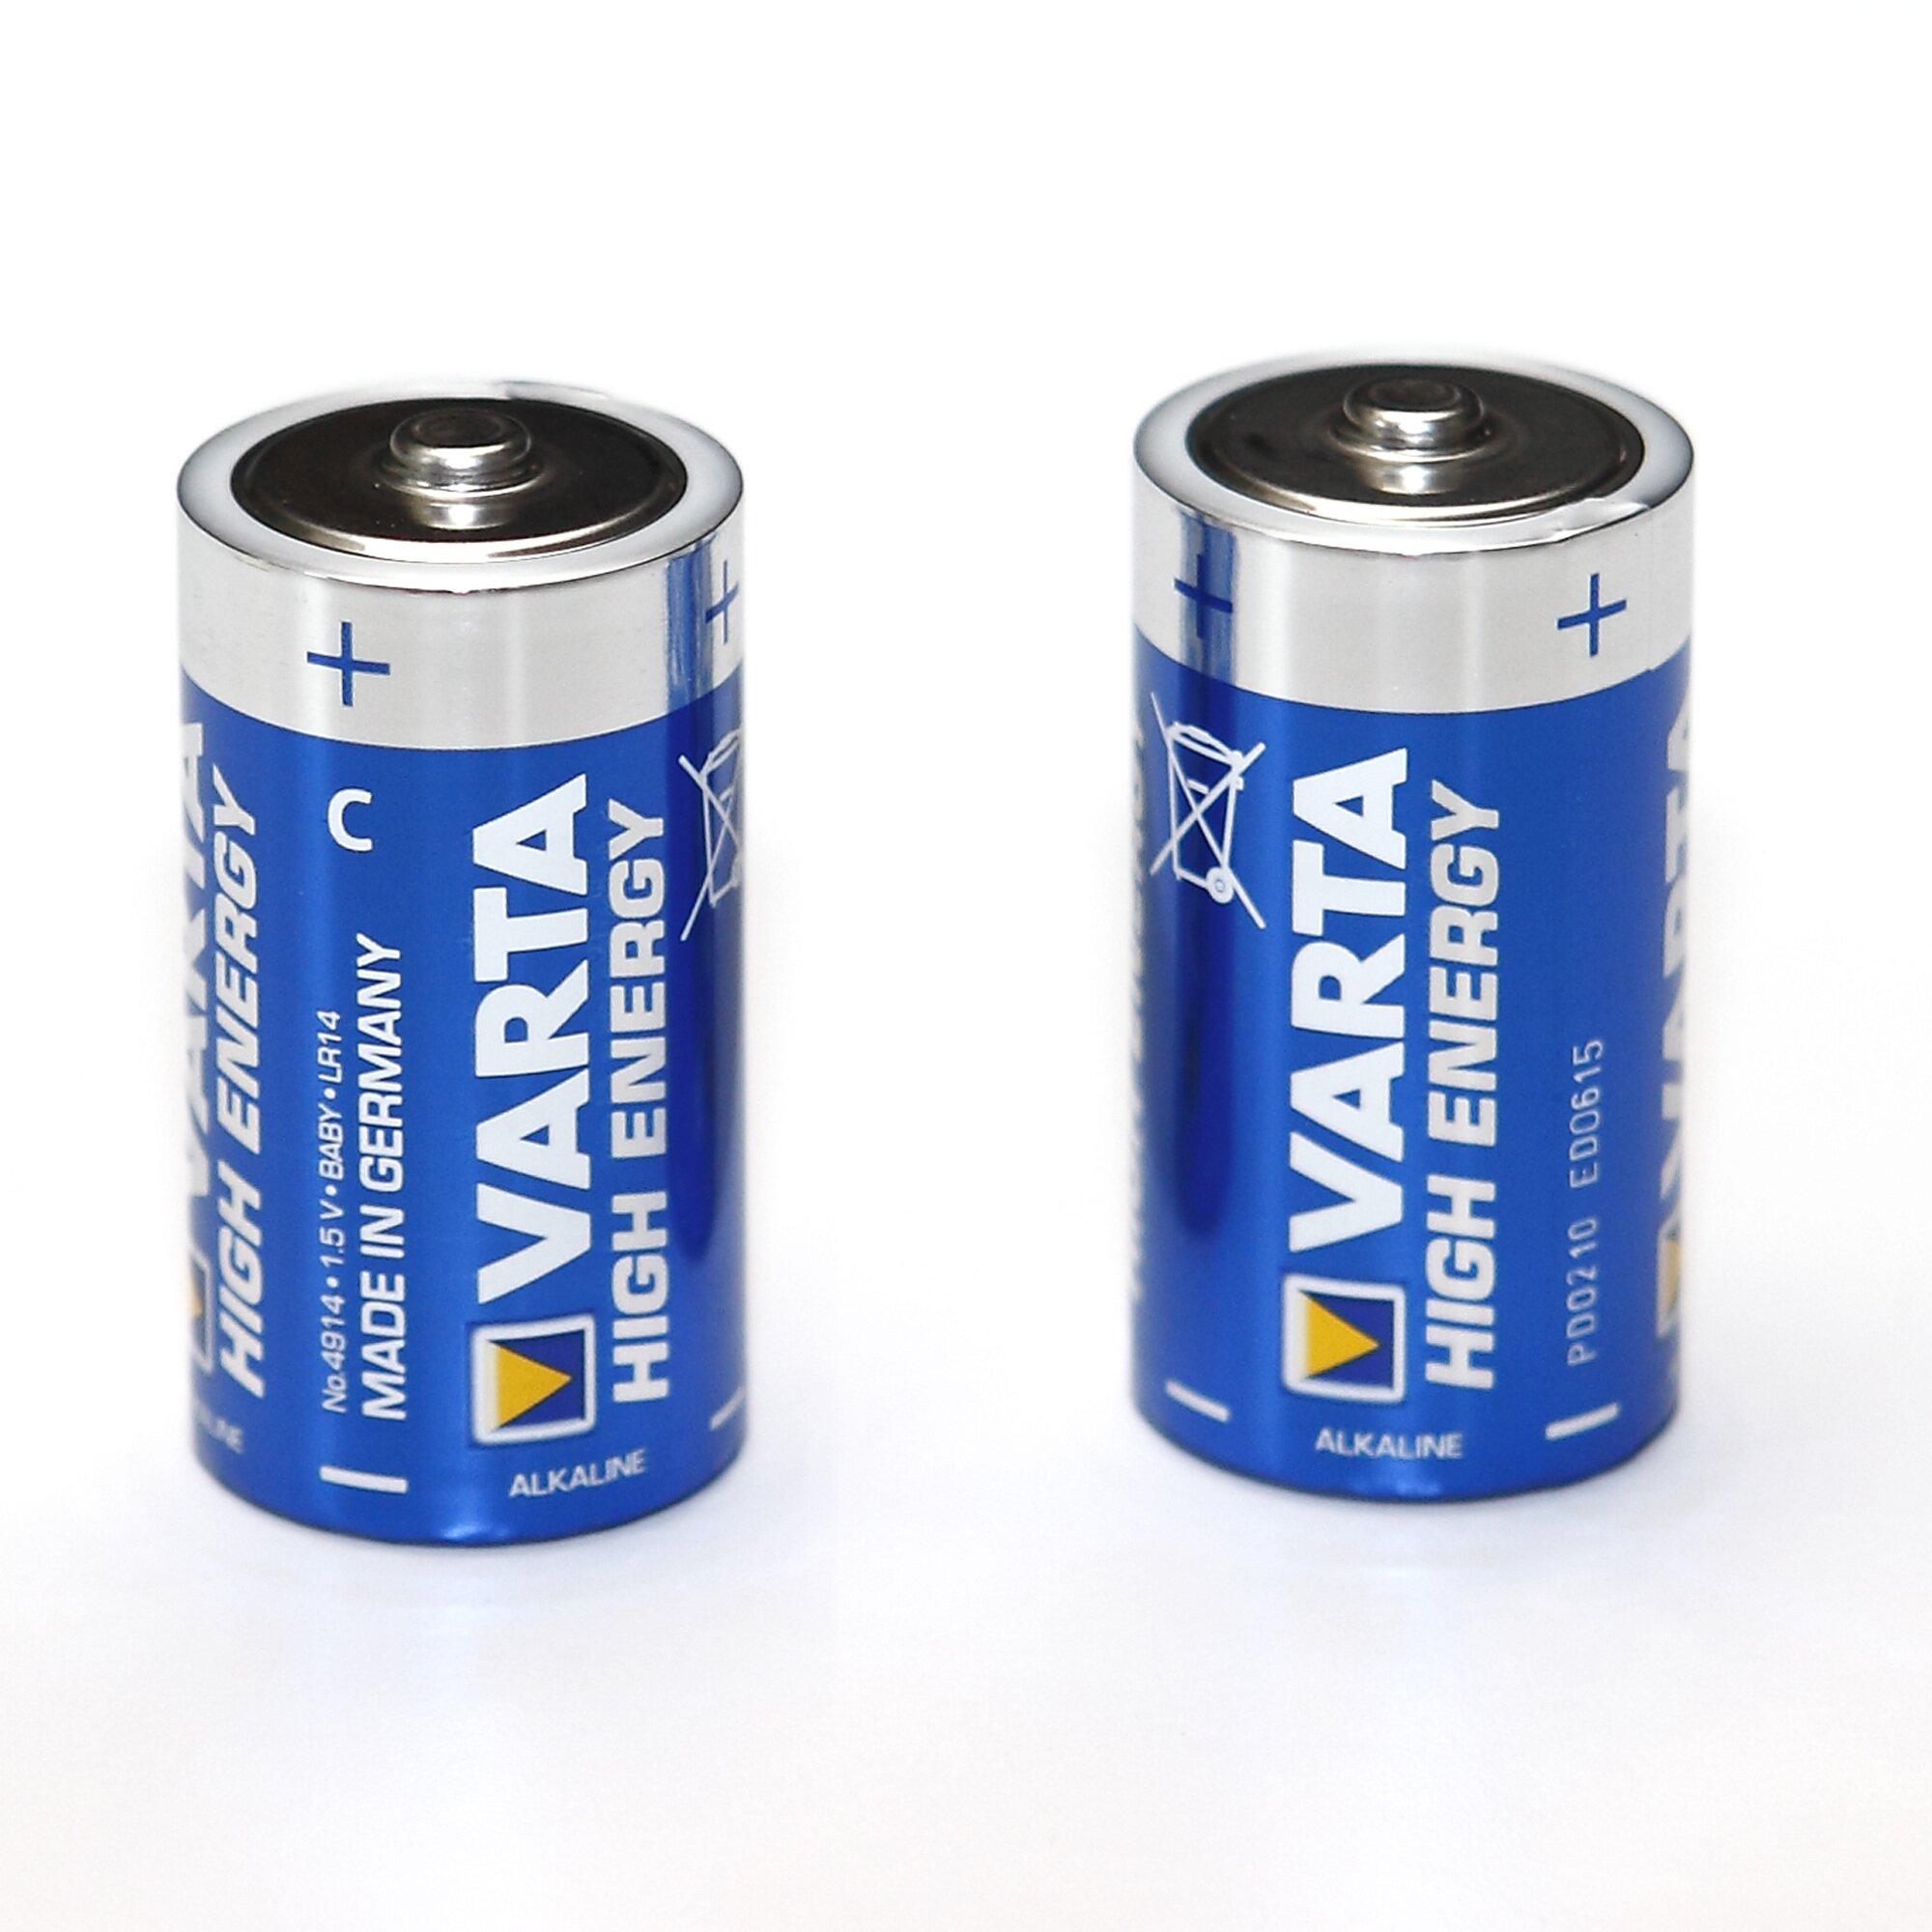 varta-alkaline-batterien-1-5v-mignon-blau